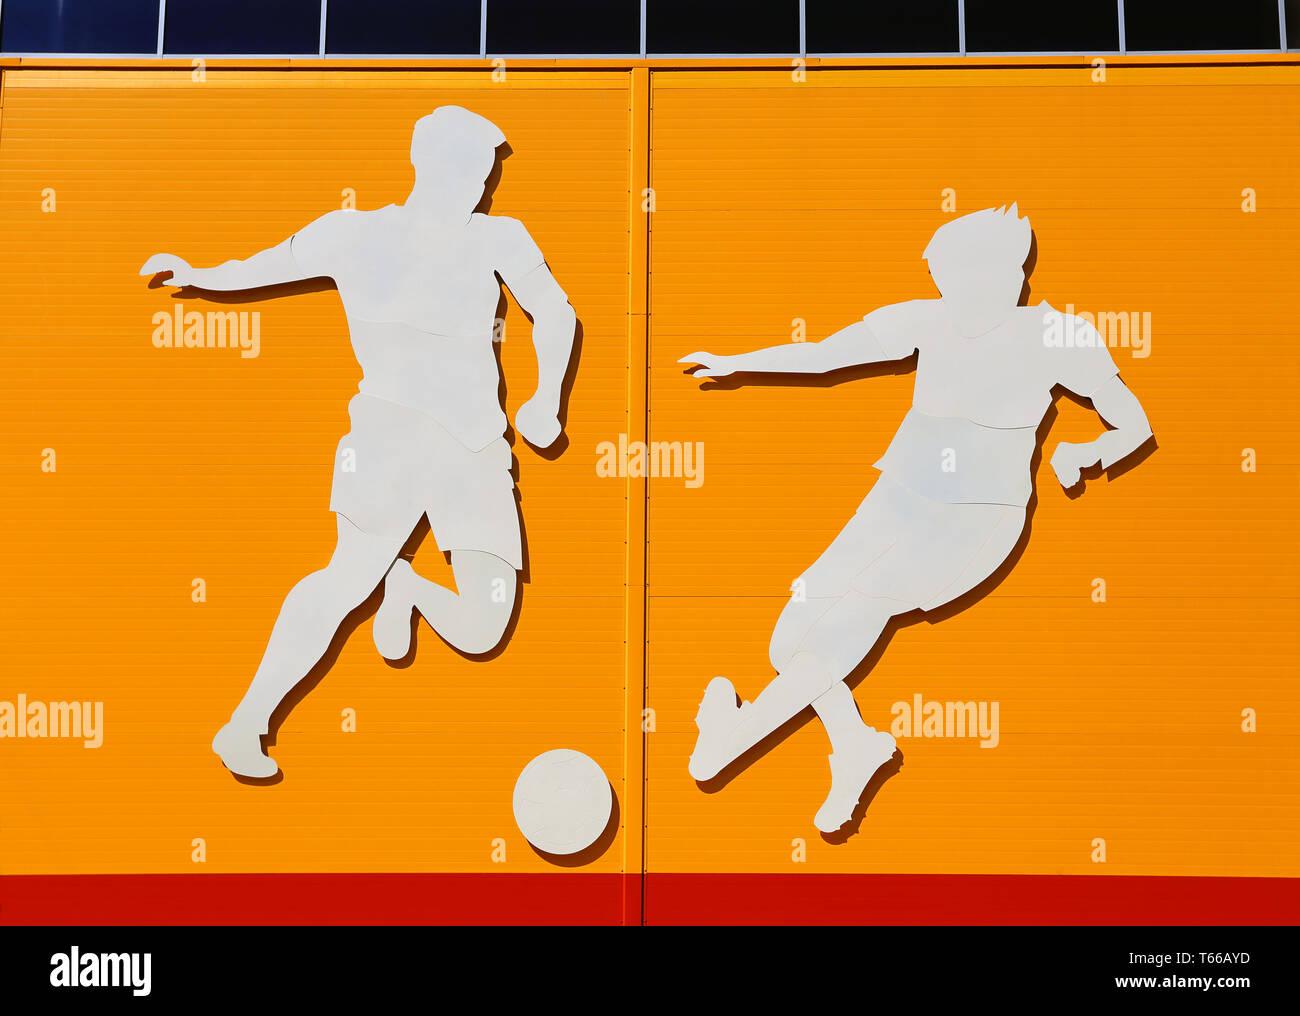 Applicazione in forma di giocatori di calcio sulla parete esterna di un impianto sportivo Immagini Stock